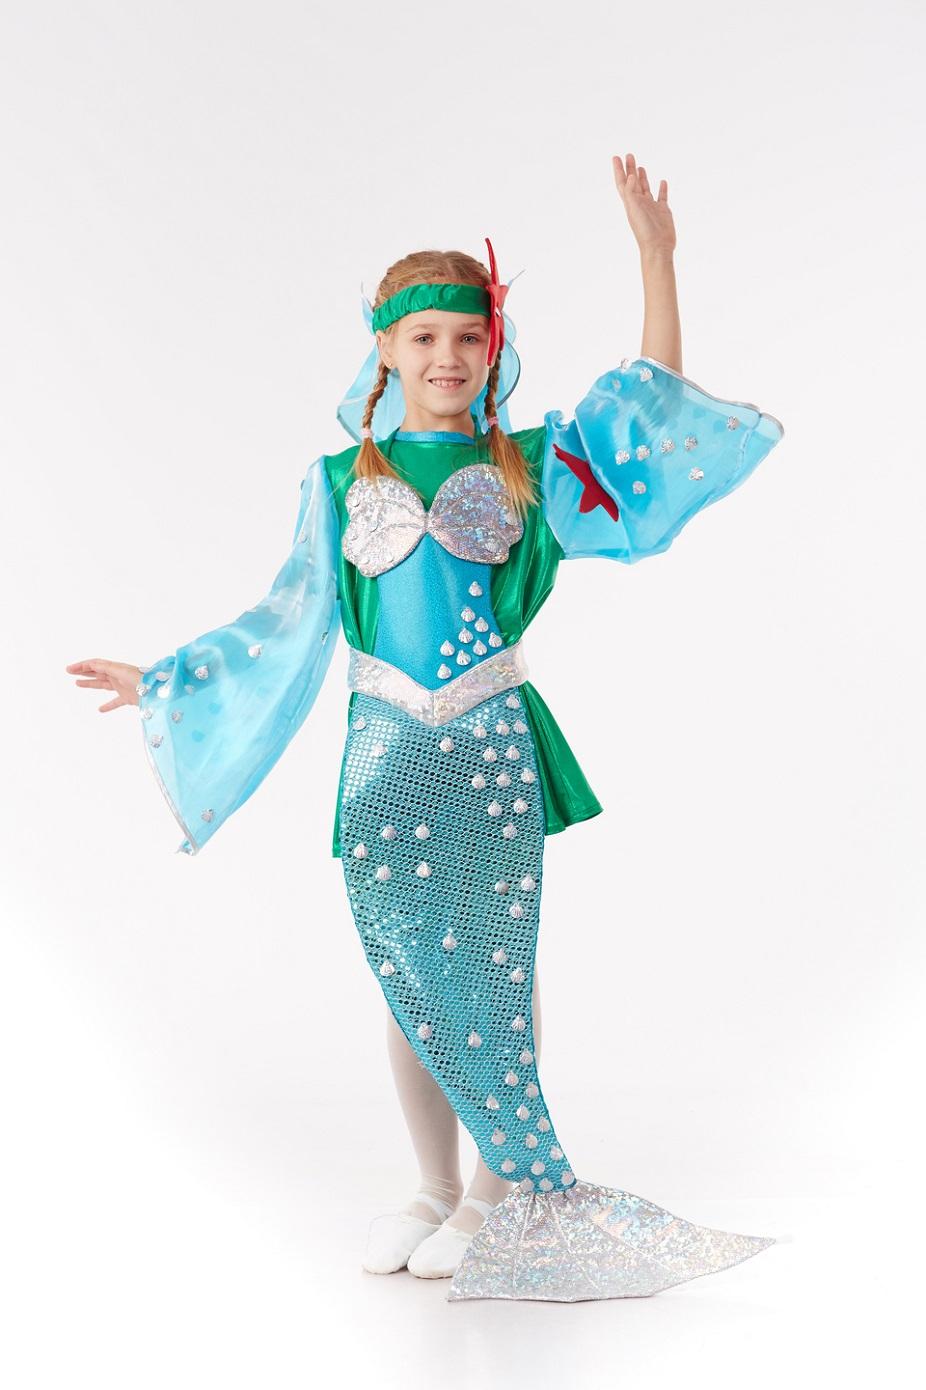 Как сделать новогодний костюм русалки